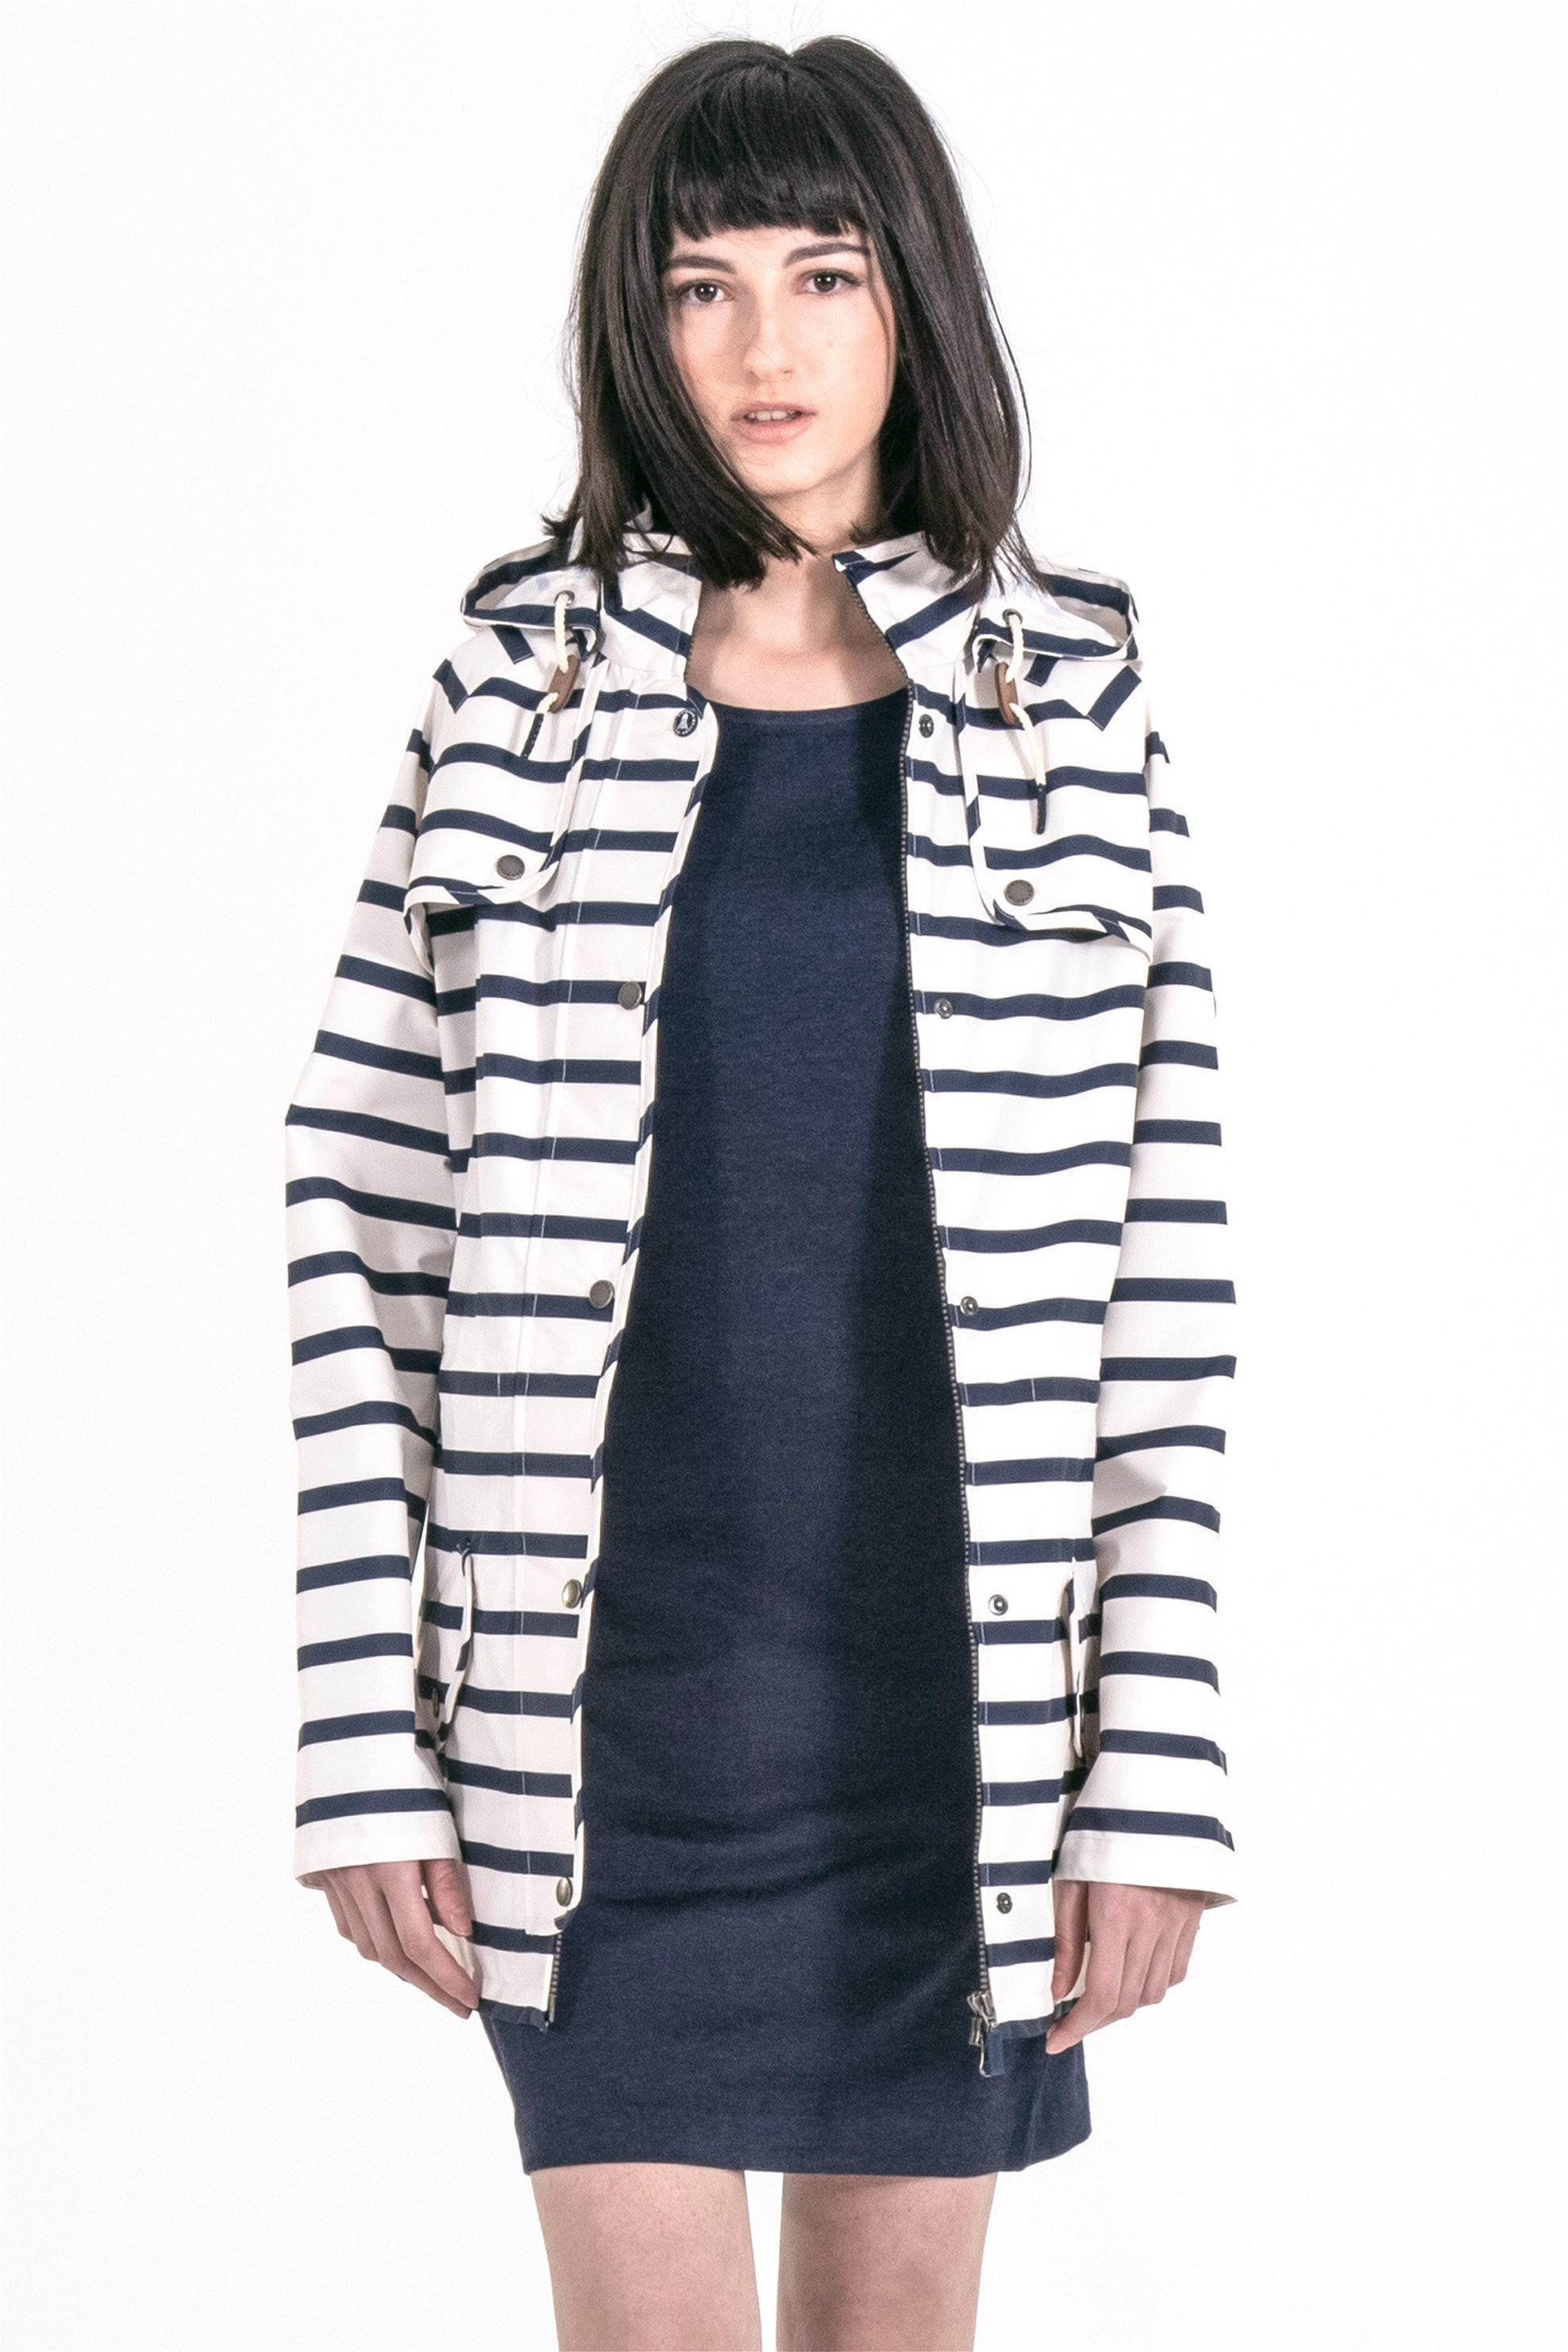 Γυναικείο μπουφάν Barbour - LWB0408 - Μπλε Σκούρο γυναικα   ρουχα   πανωφόρια   μπουφάν   σακάκια   μπουφάν